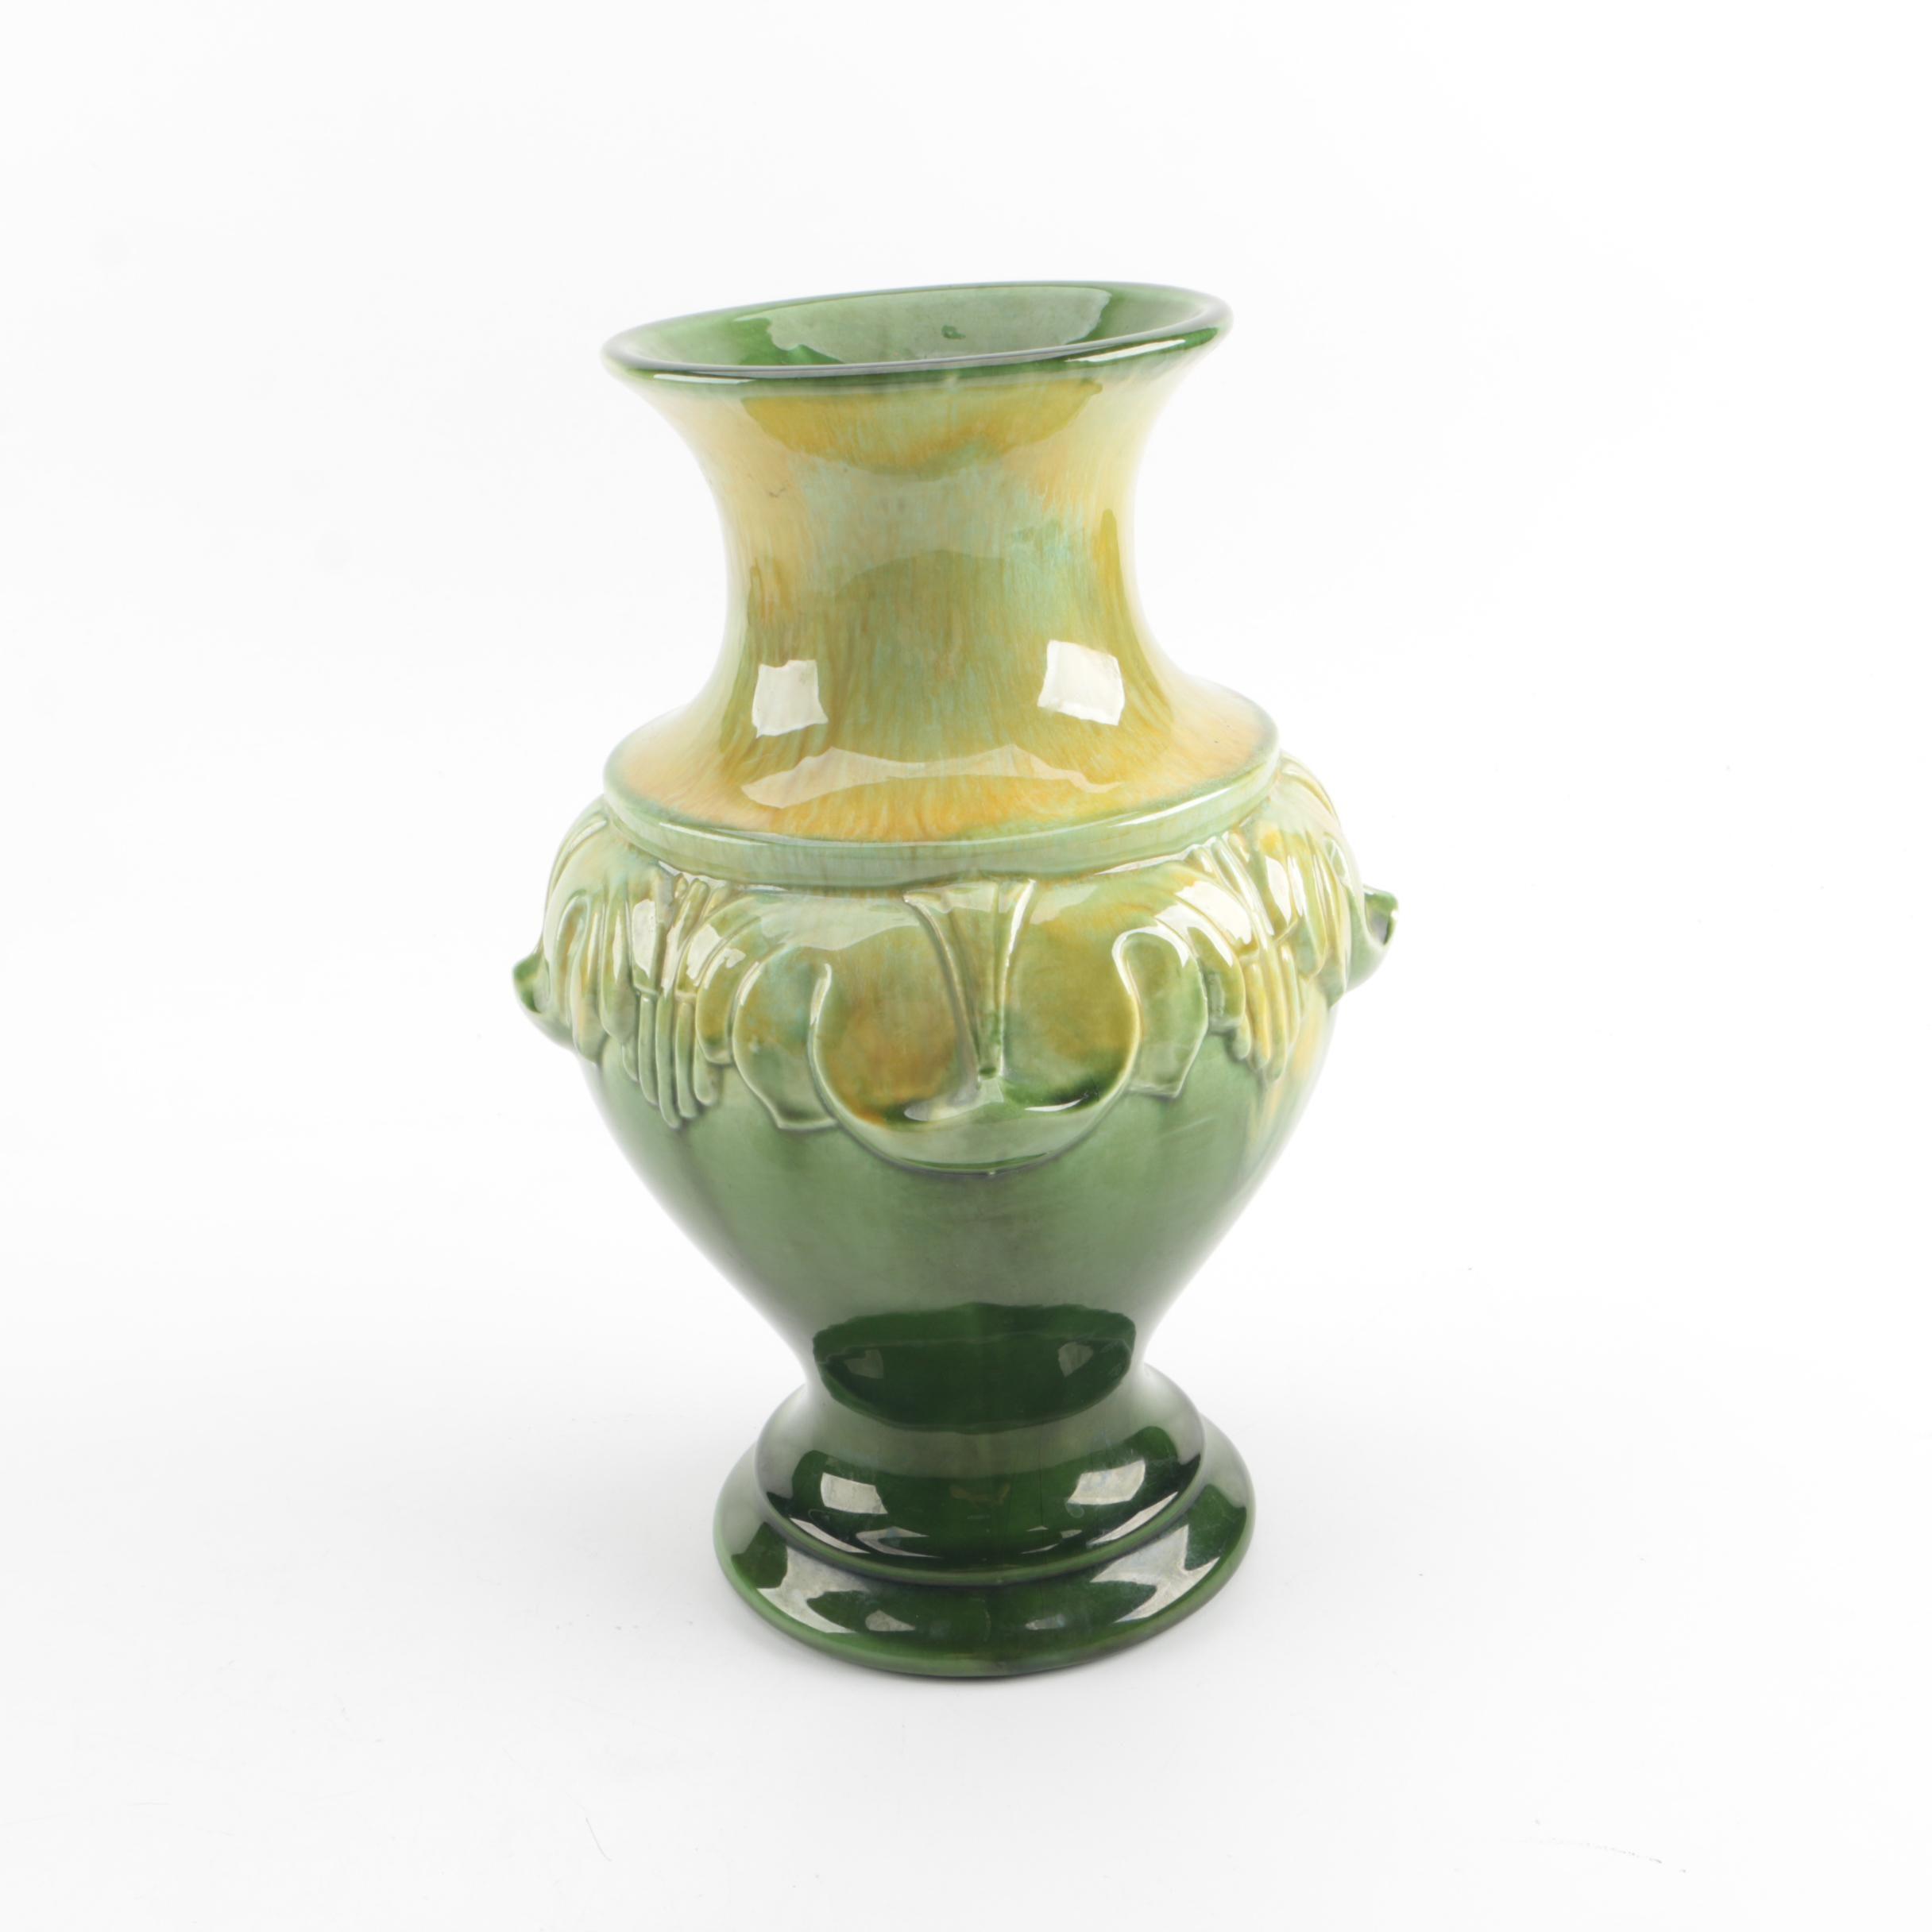 Vintage Haeger Green Ceramic Vase